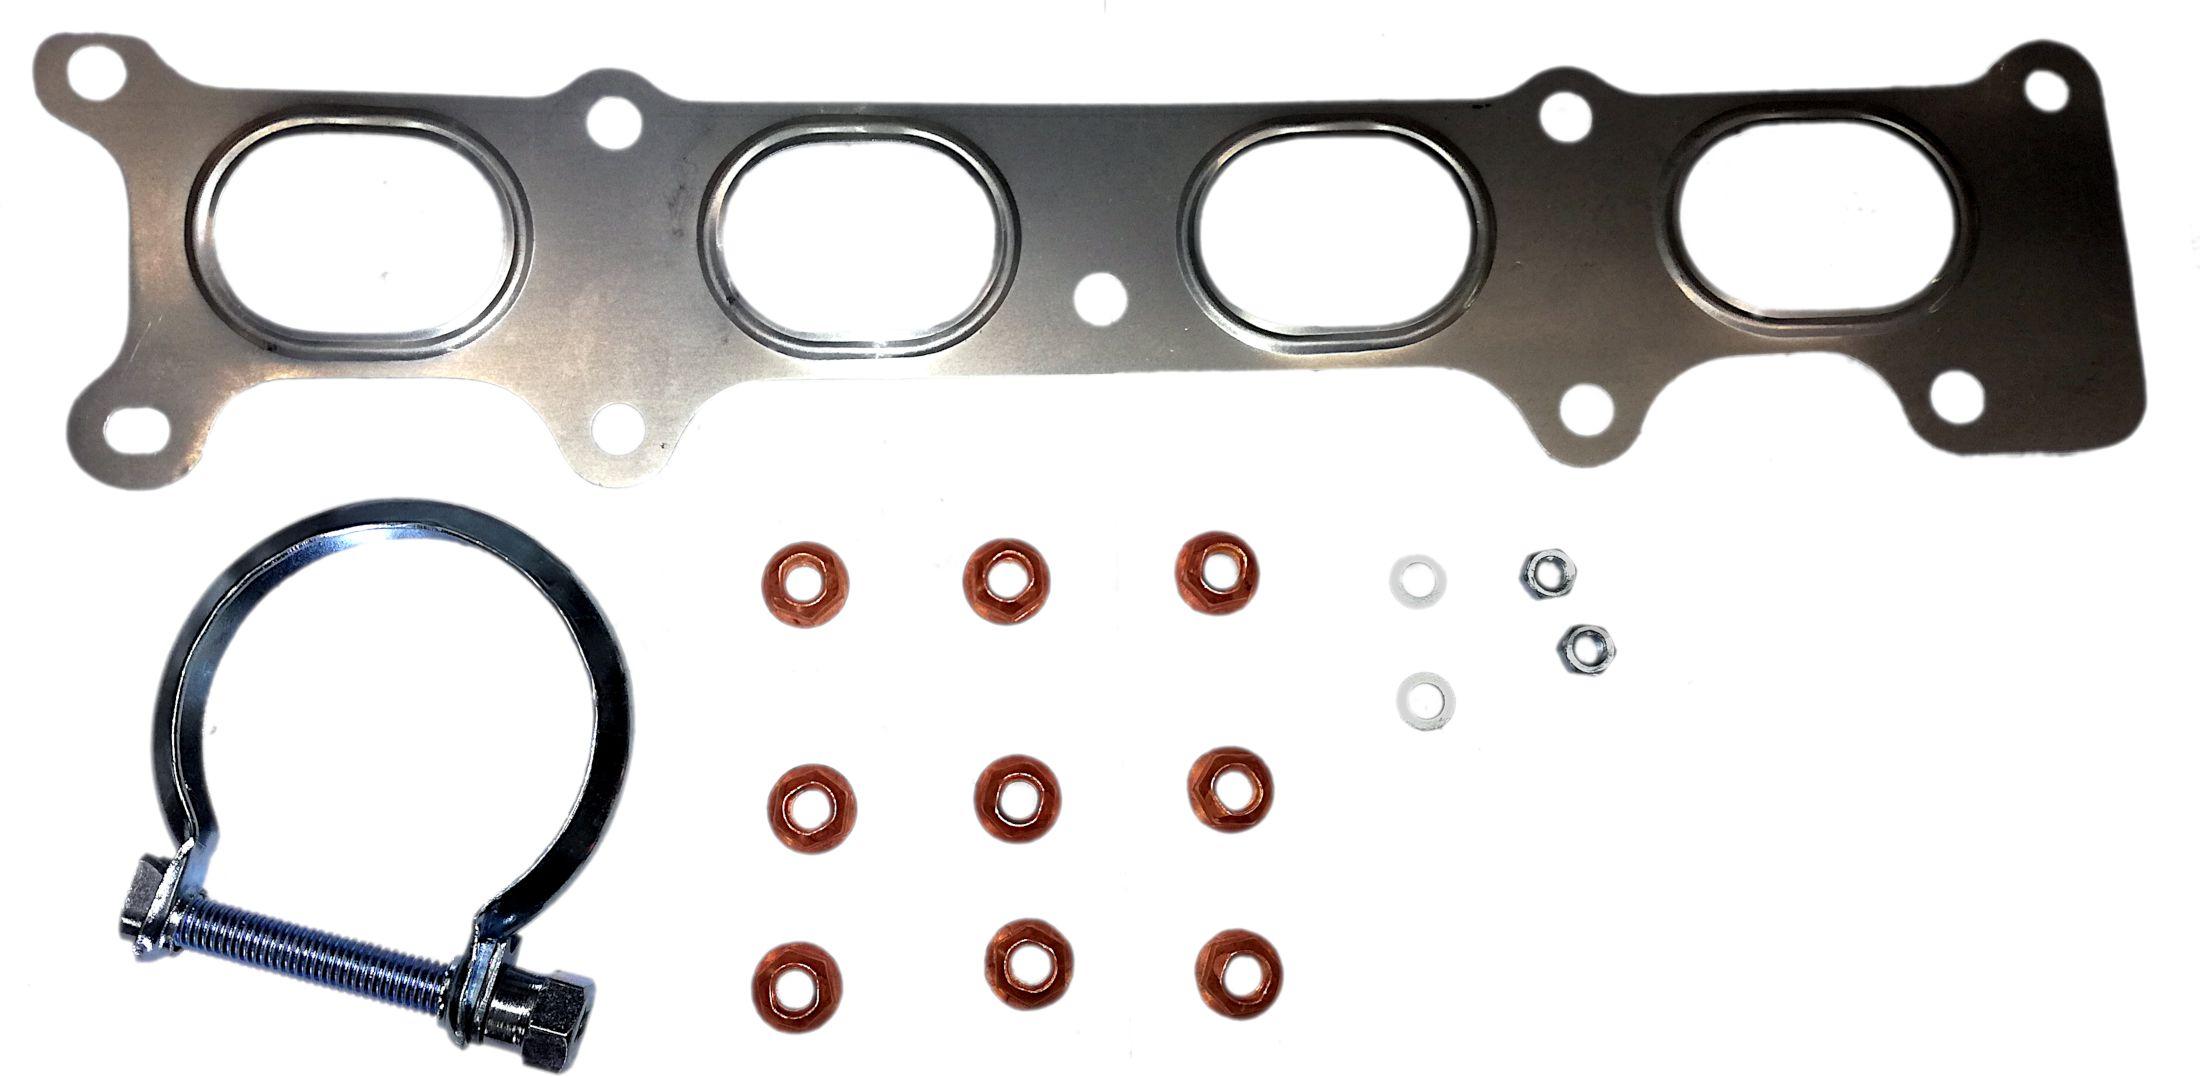 Zestaw montażowy do produktu JMJ1091628